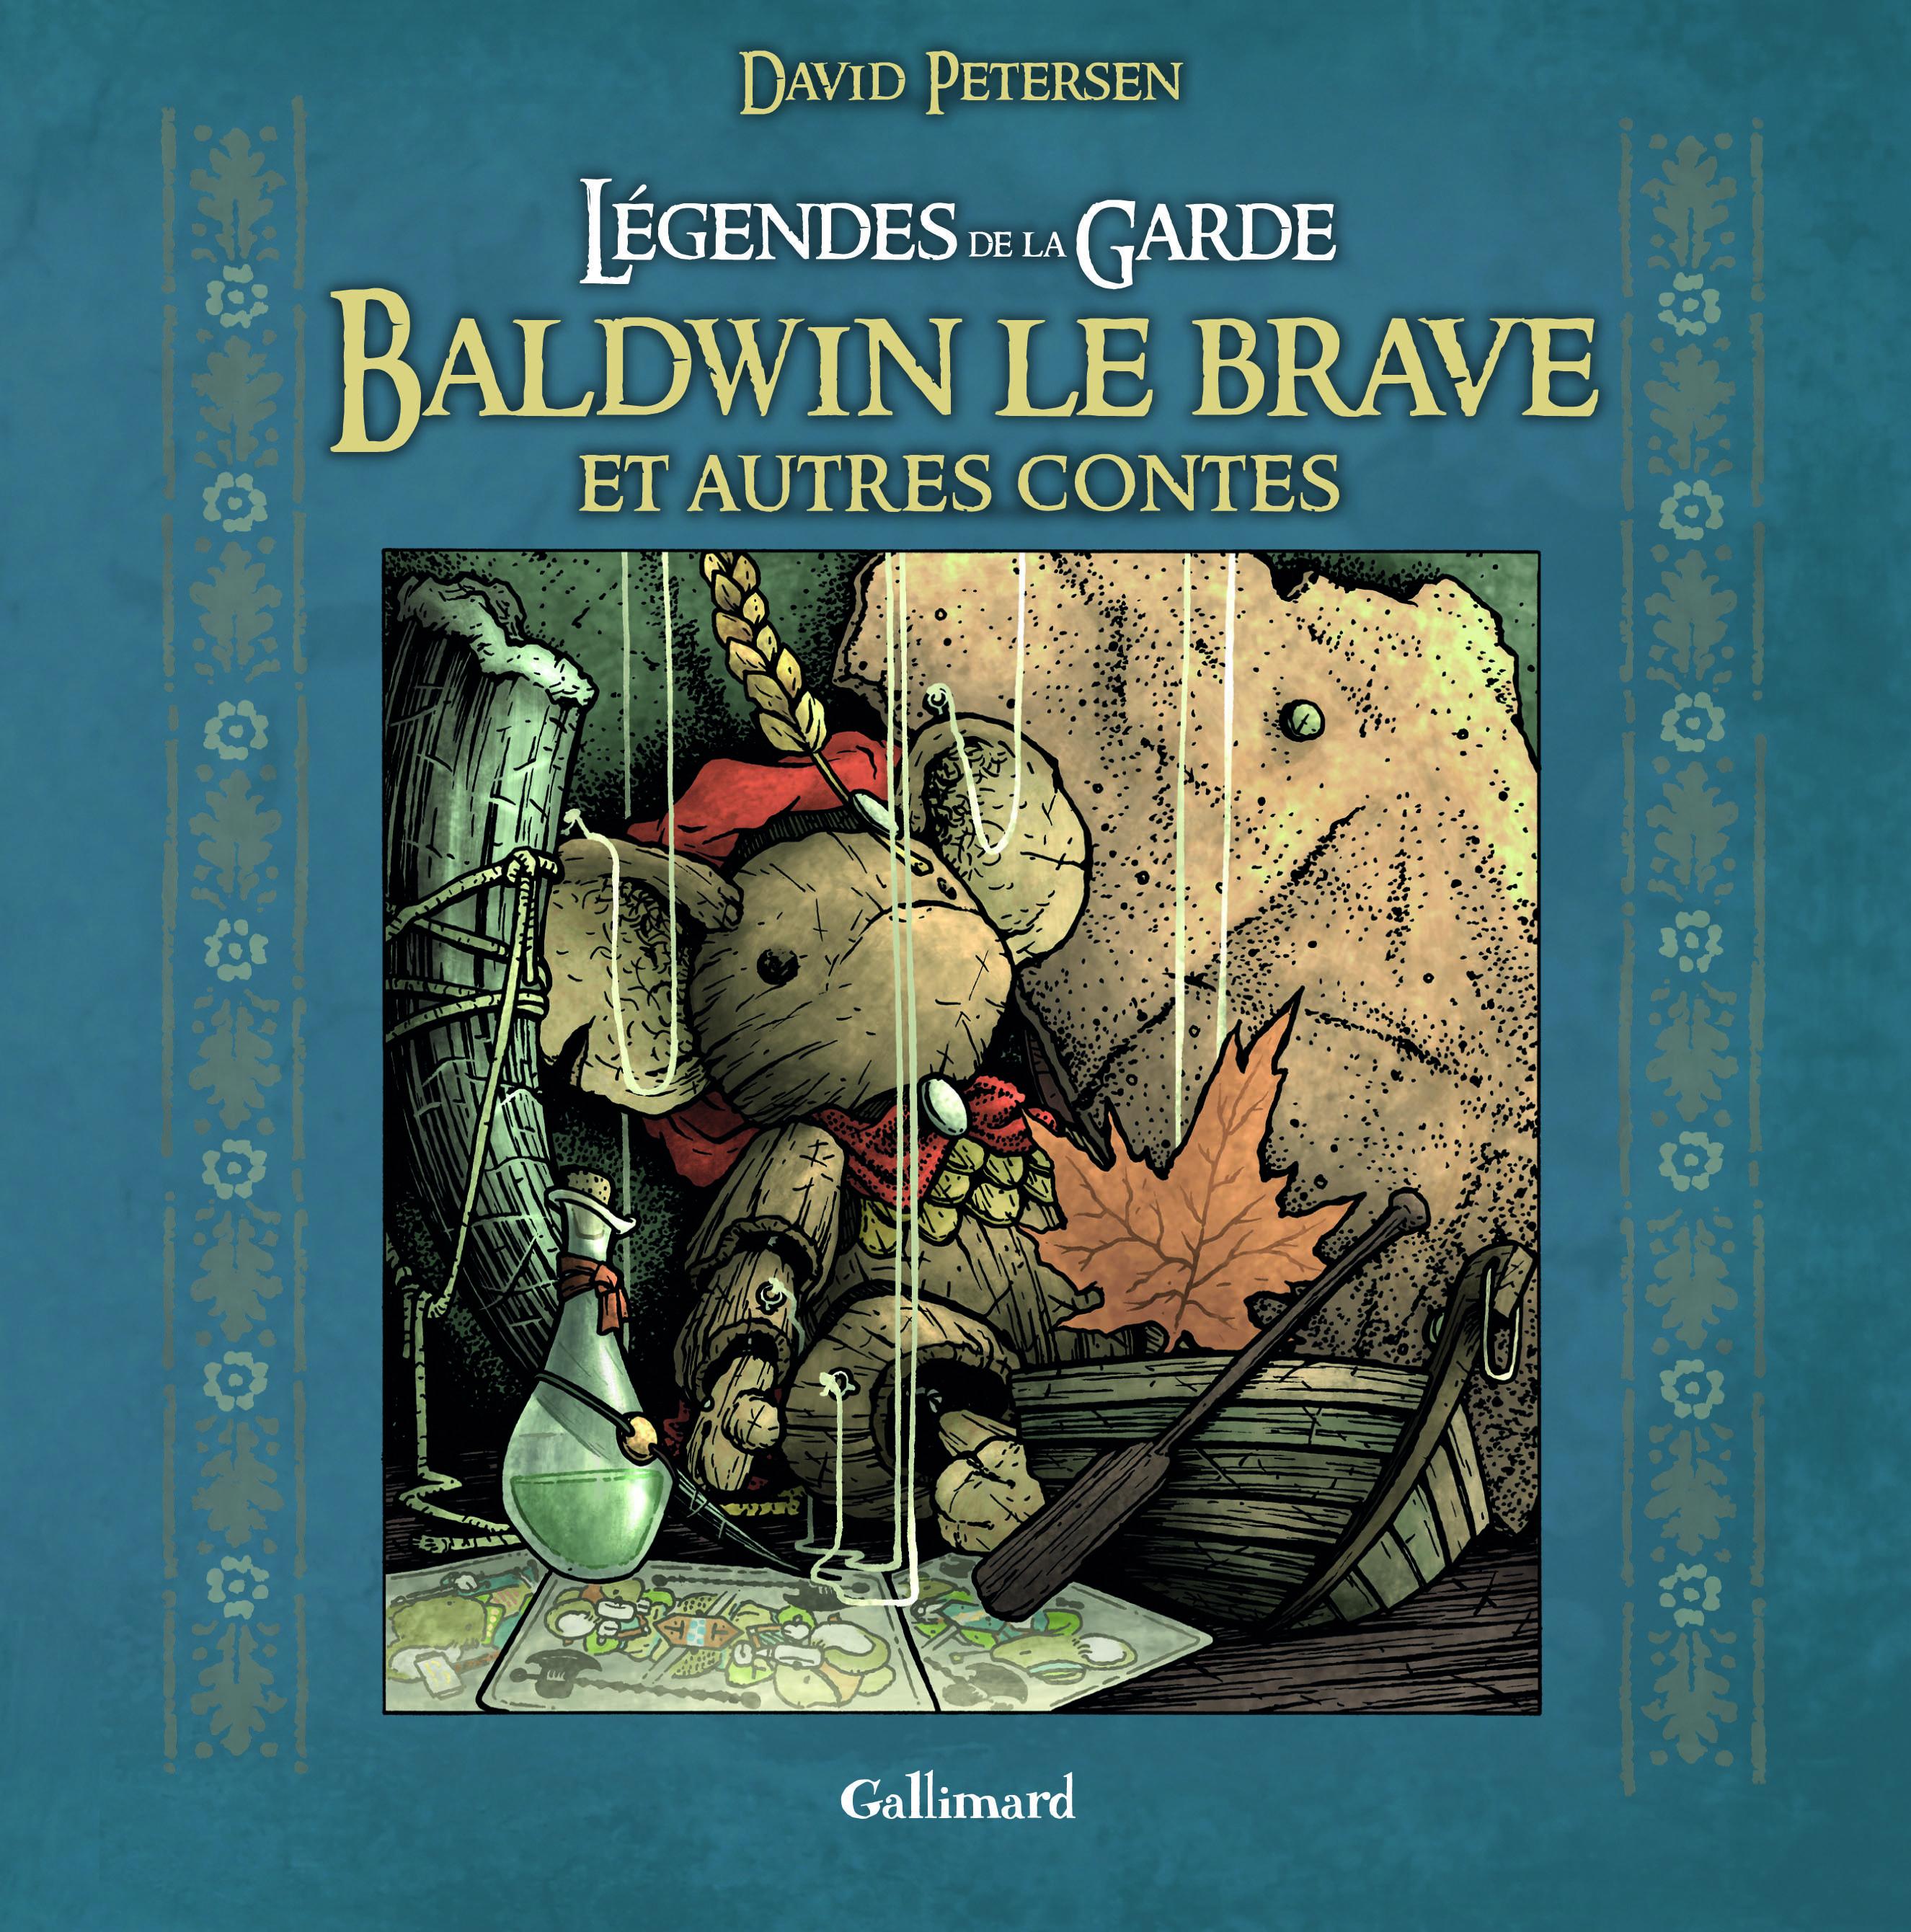 LEGENDES DE LA GARDE : BALDWIN LE BRAVE